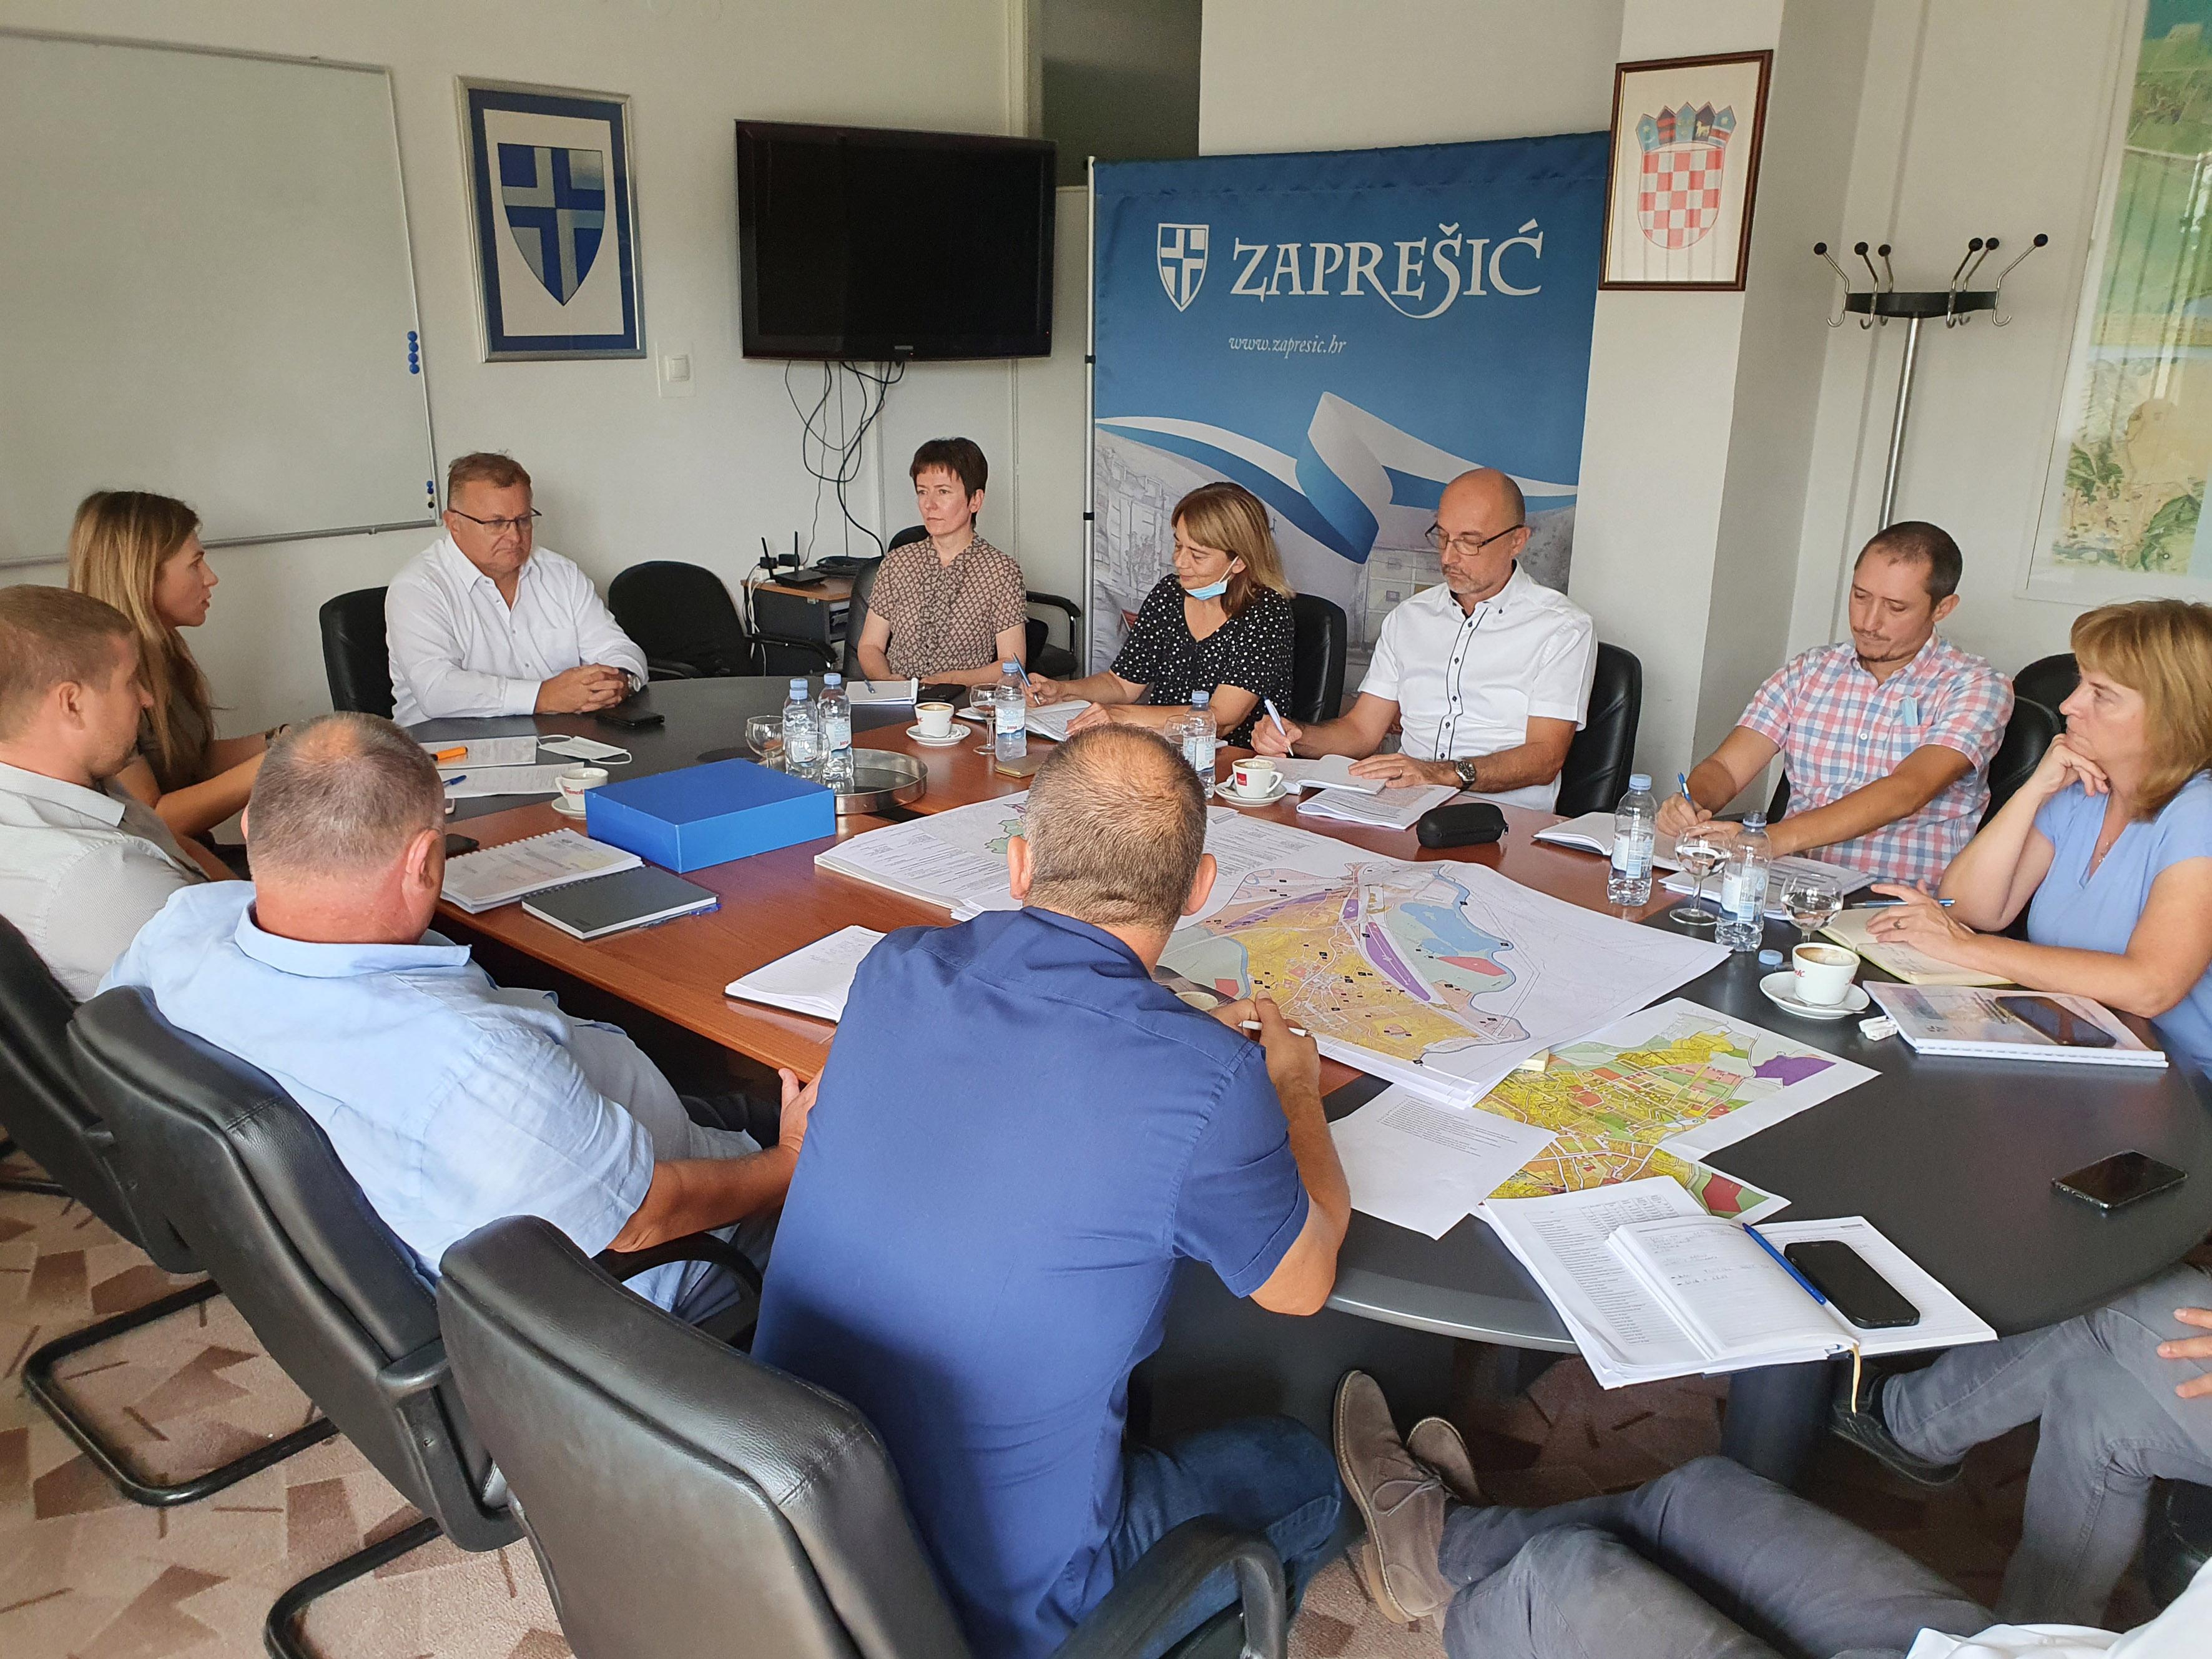 Predstavnicima Grada Zaprešića predstavljeni nacrti prostornih planova - slika 1